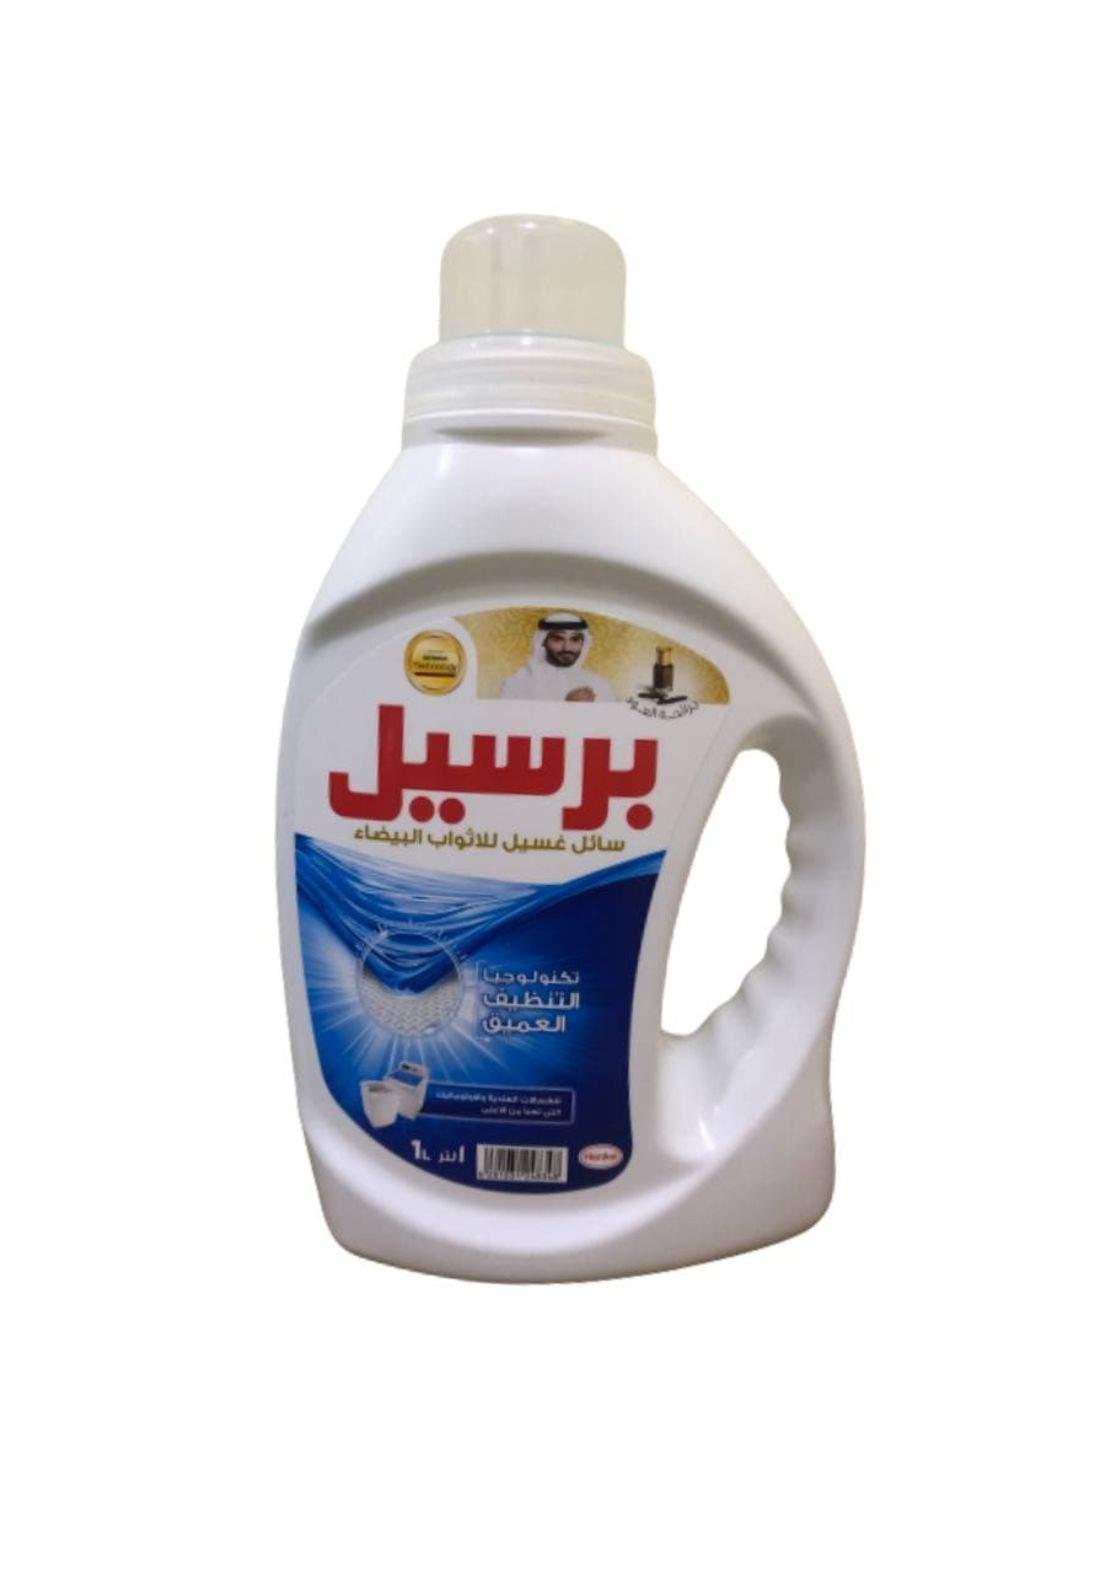 Persil white clothes detergent 1L برسيل منظف للملابس البيضاء